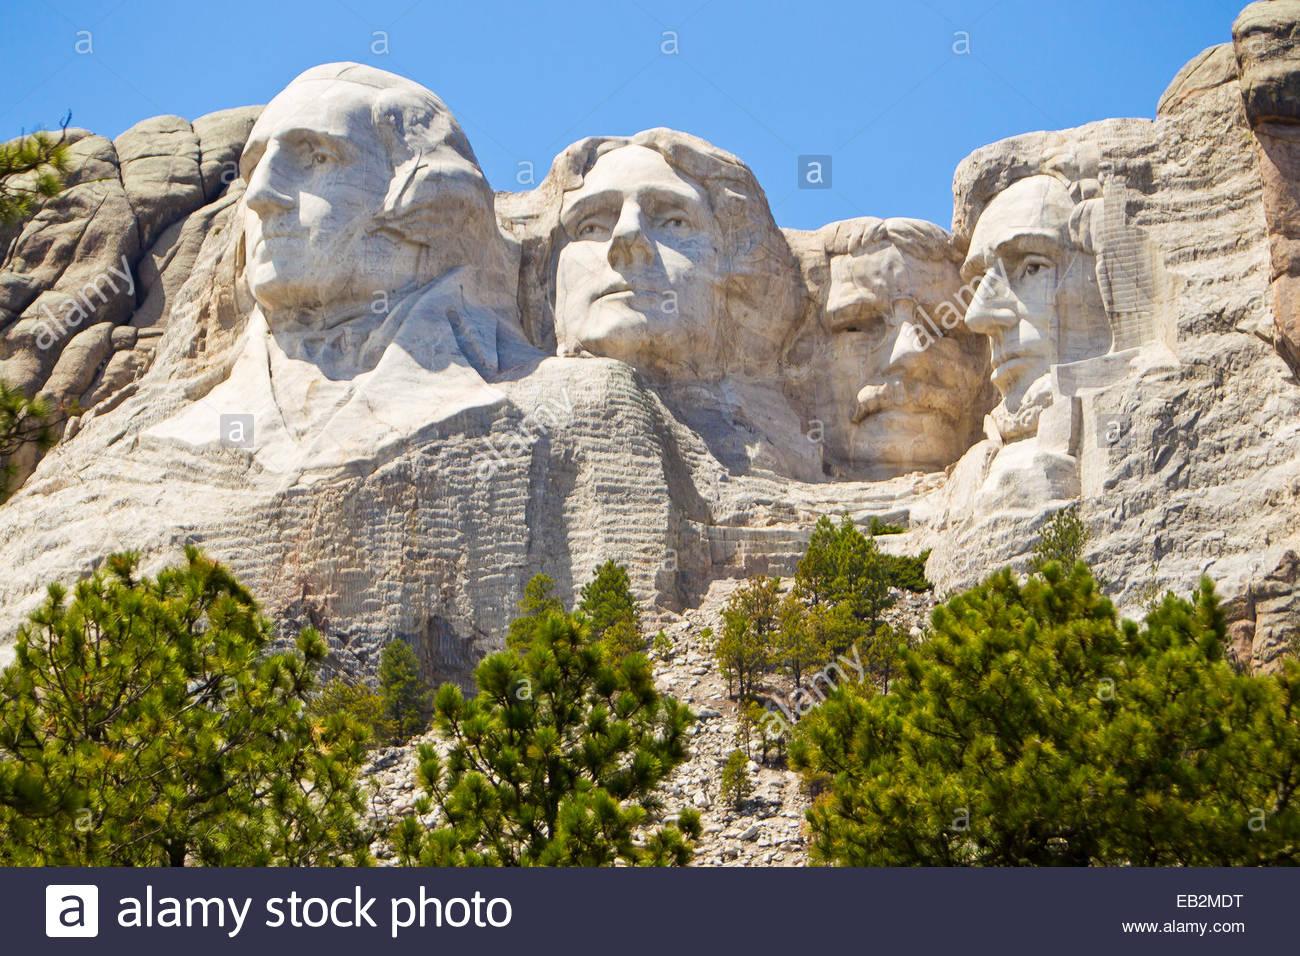 Low angle view of la images sculptées de présidents américains Washington, Jefferson, Theodore Roosevelt, Photo Stock